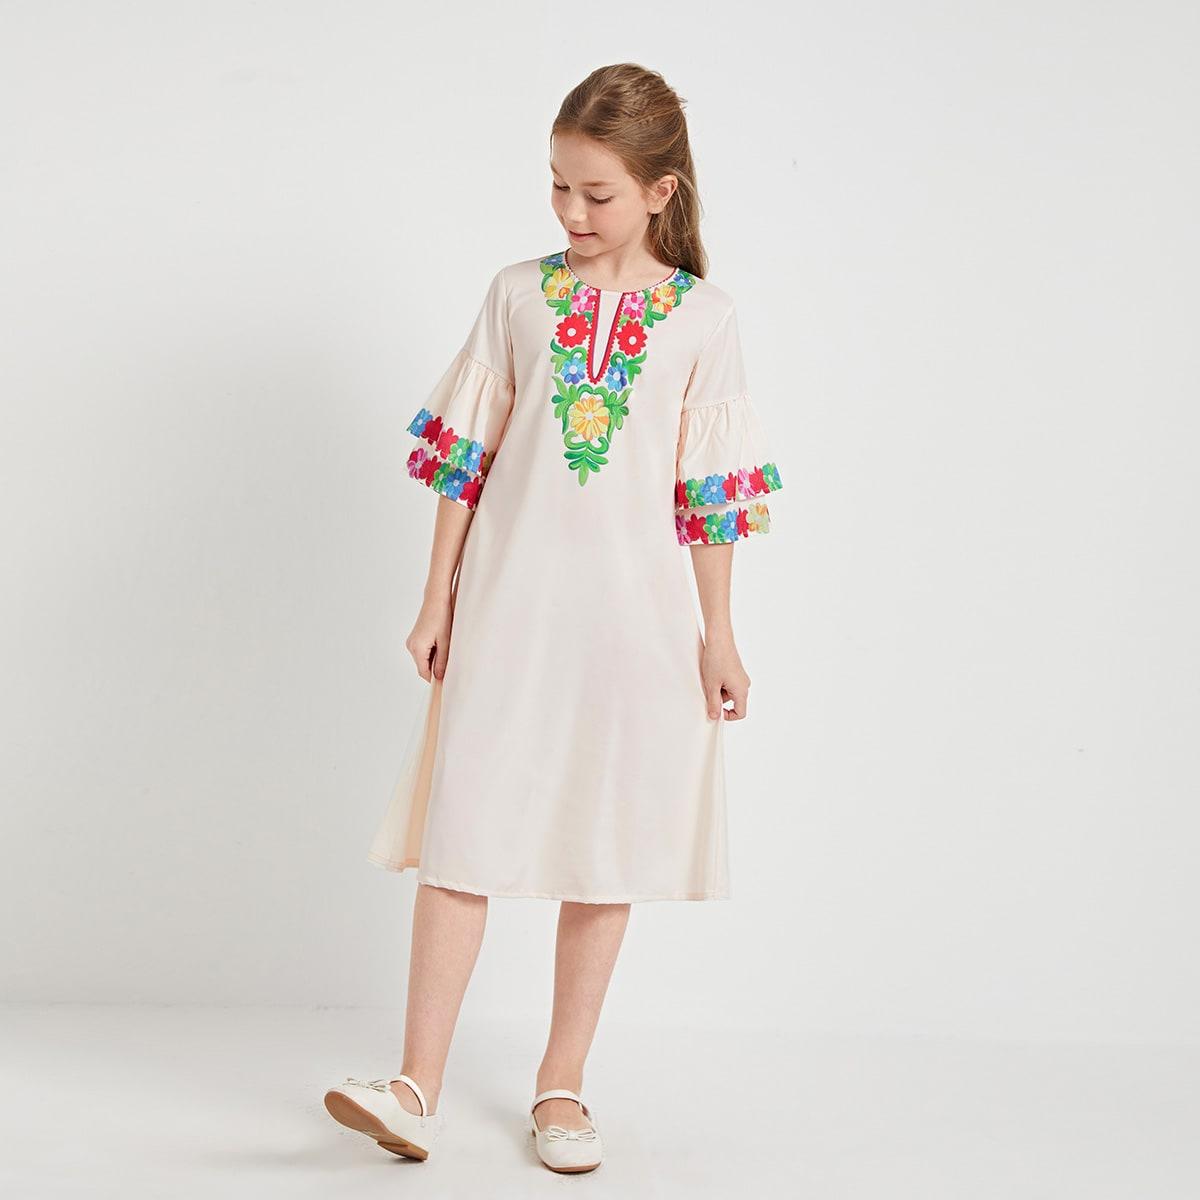 Tunika Kleid mit Blumen Muster und mehrschichtigen Schößchenärmeln